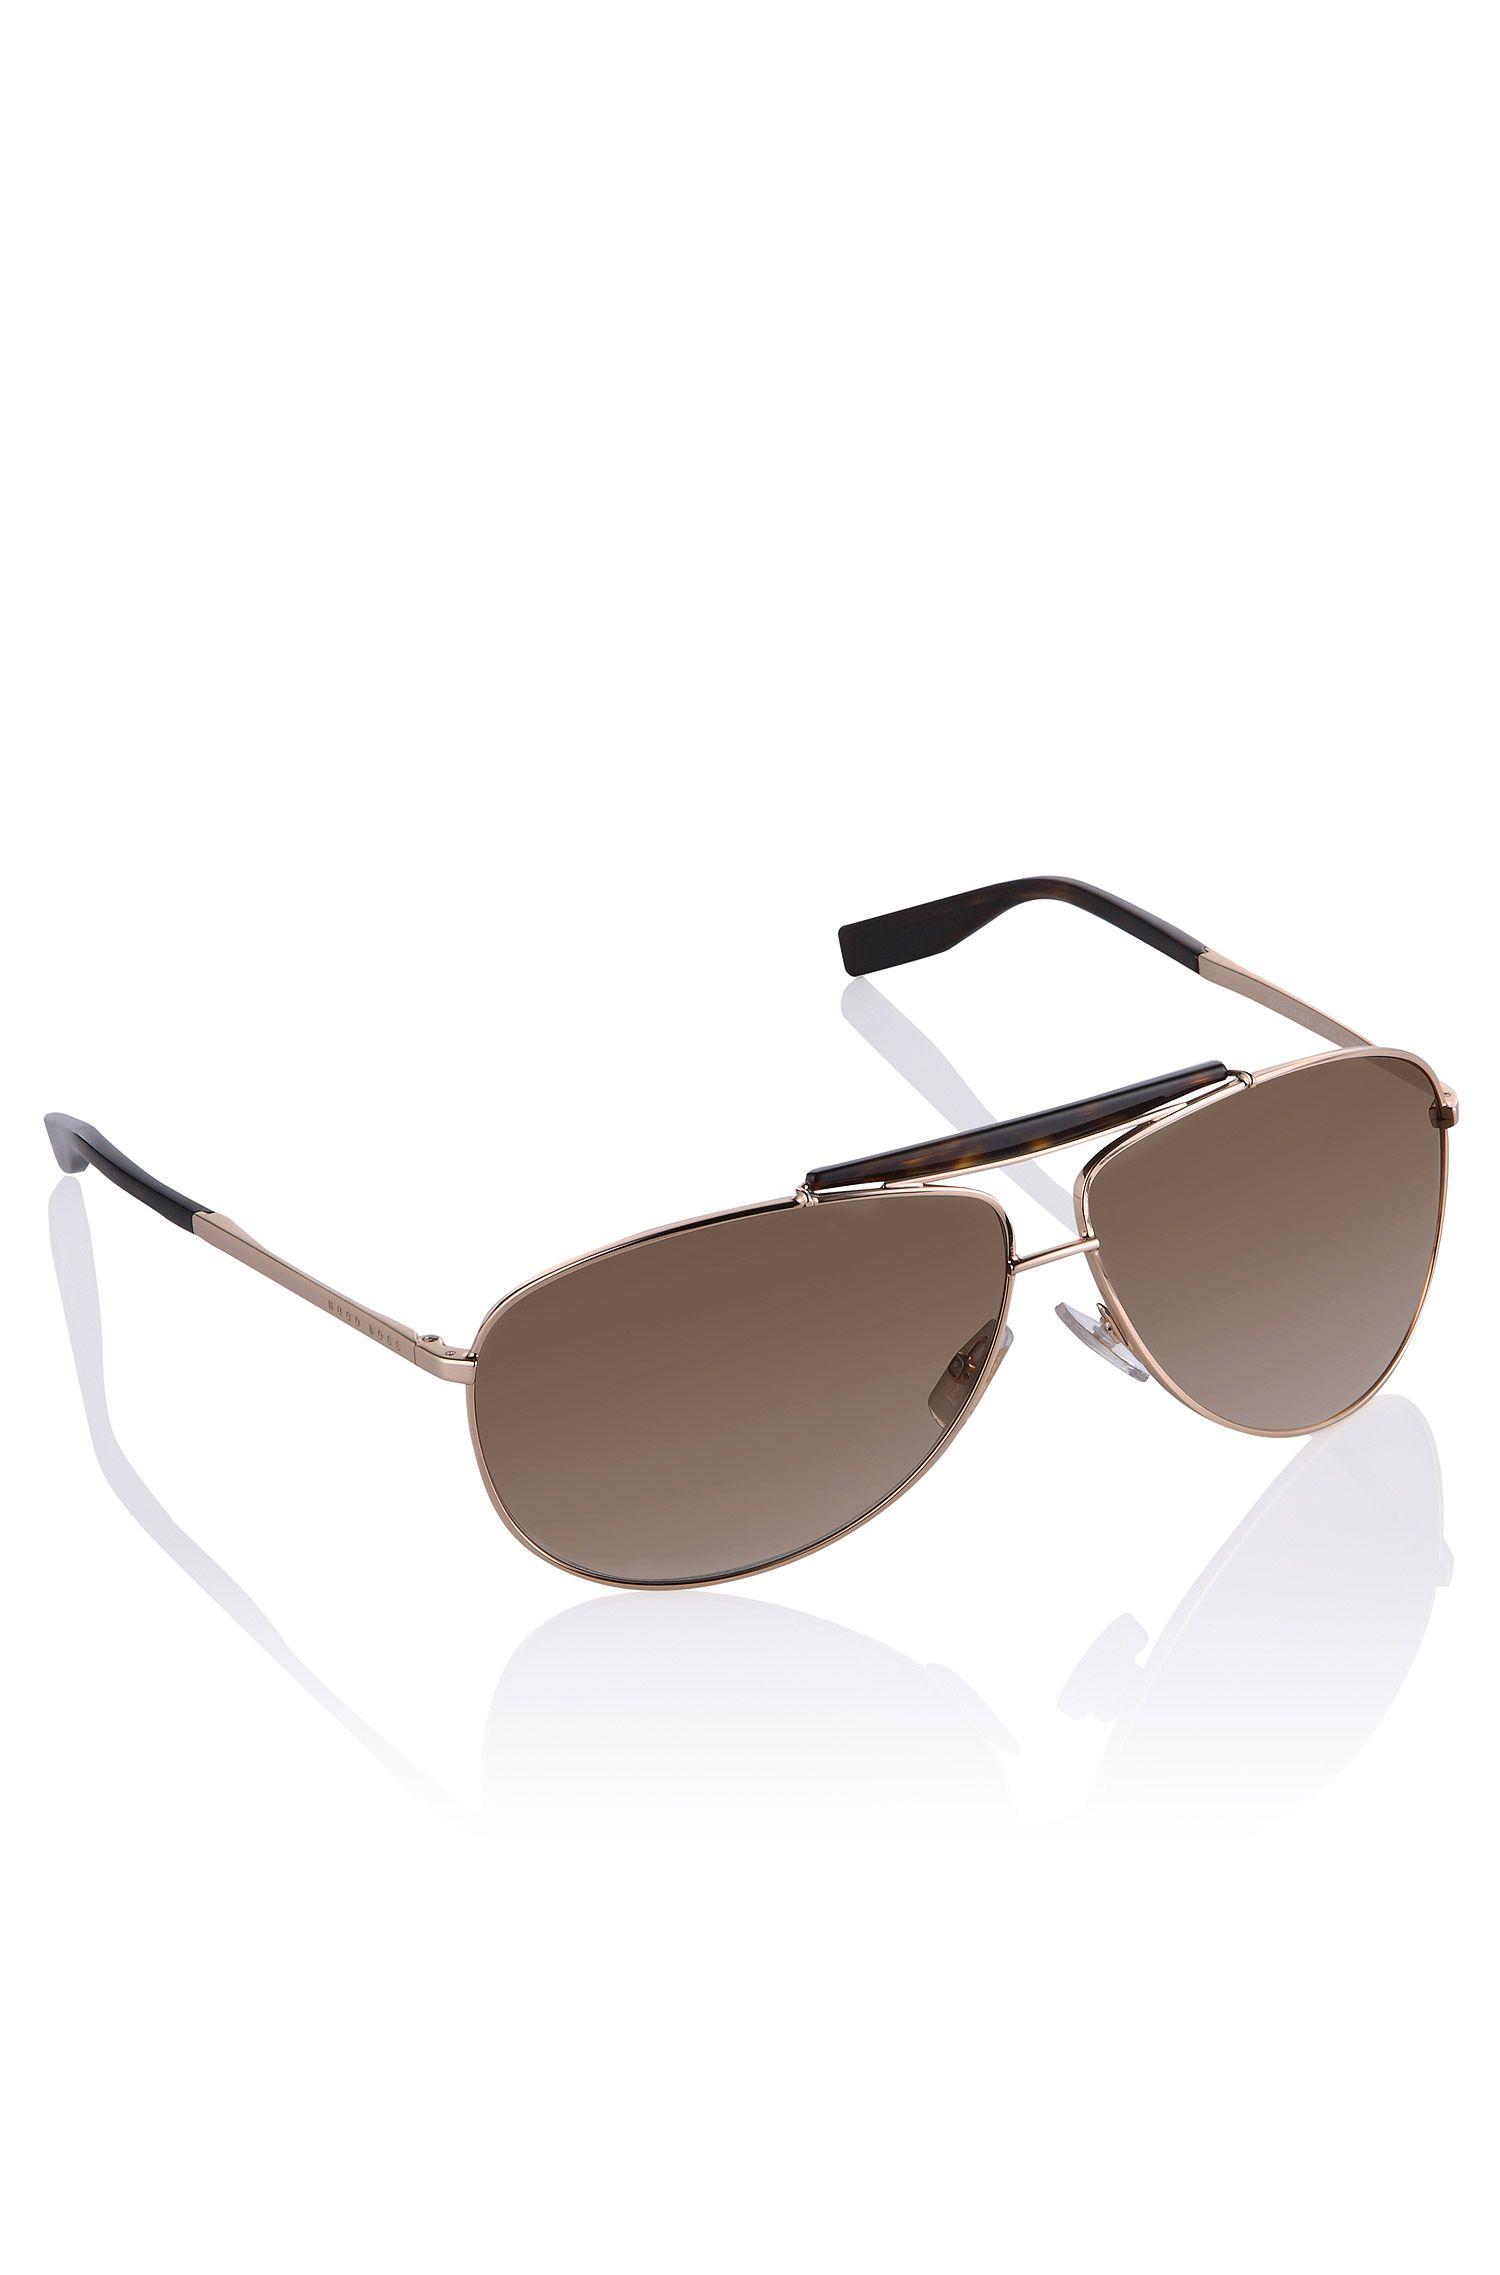 Sonnenbrille ´BOSS 0476/S` im Aviator-Stil